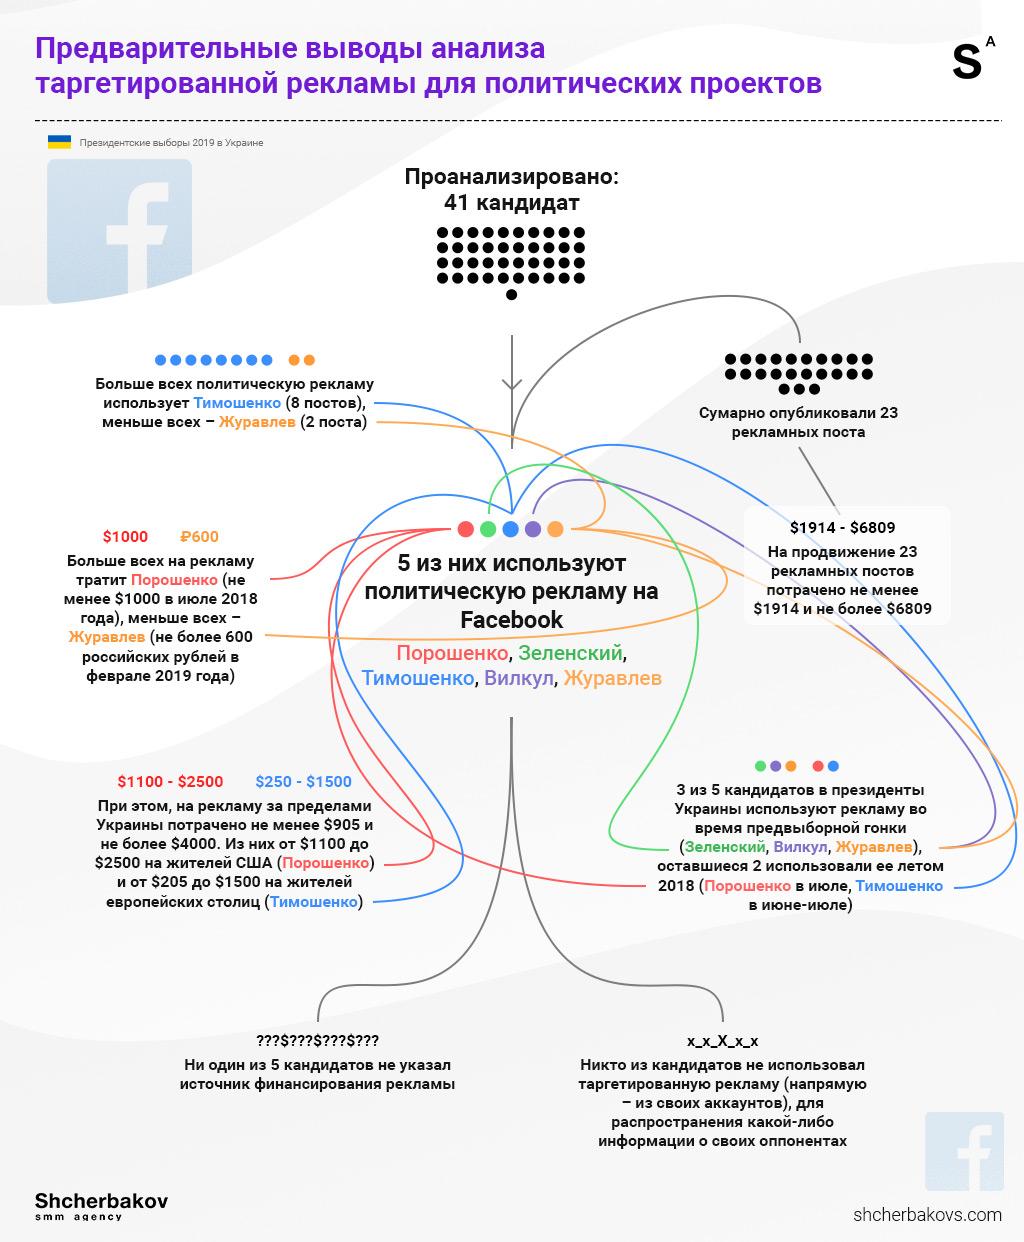 Shcherbakov Таргетированная реклама для политических проектов